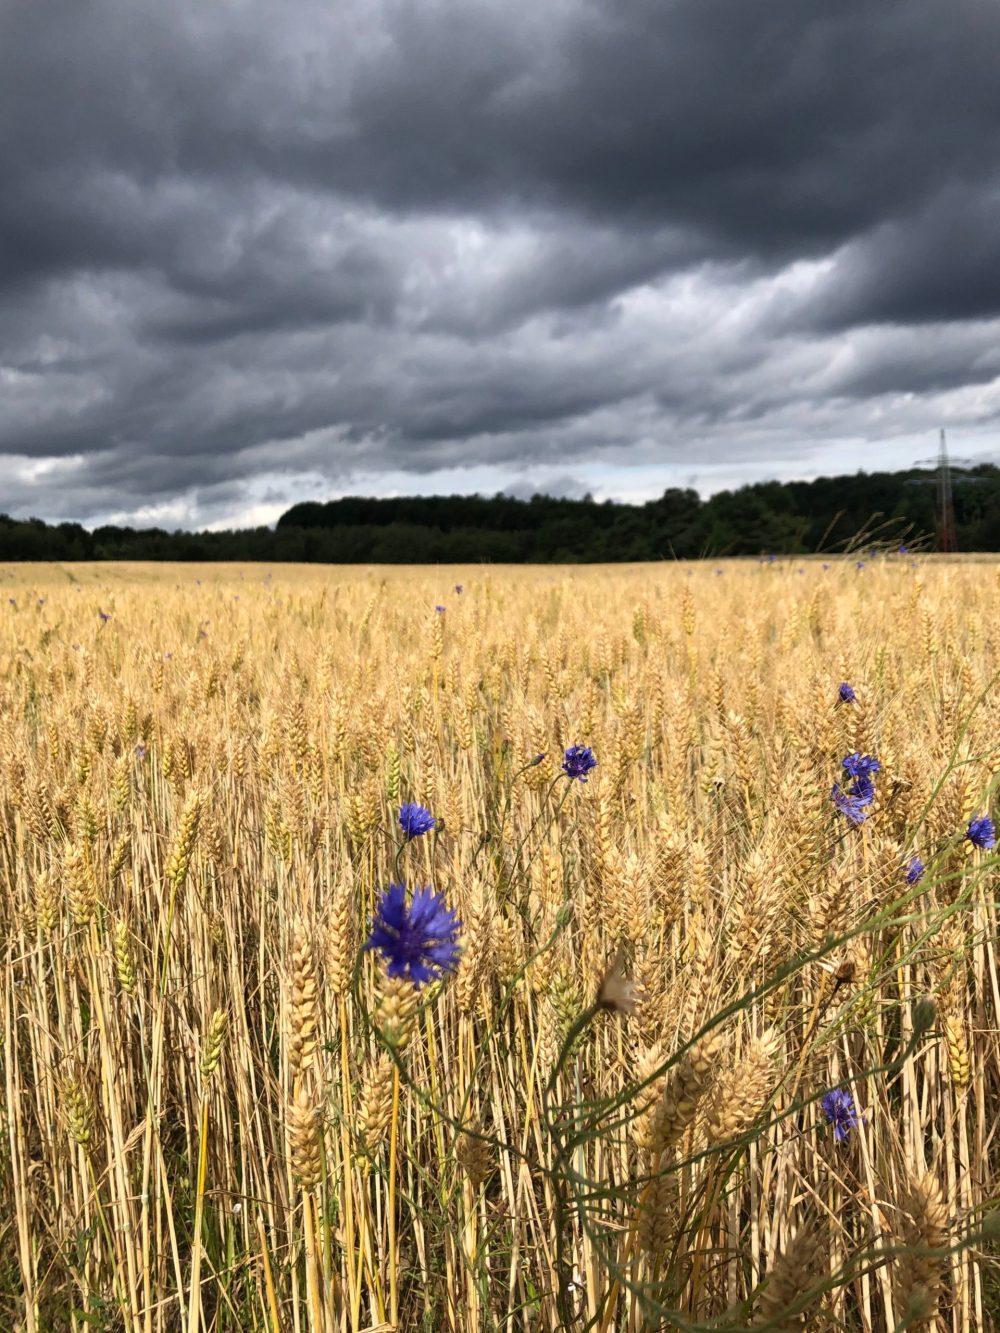 Kornblumen im strahlend, goldenem Gerstenfeld unter dunklen Gewitterwolken